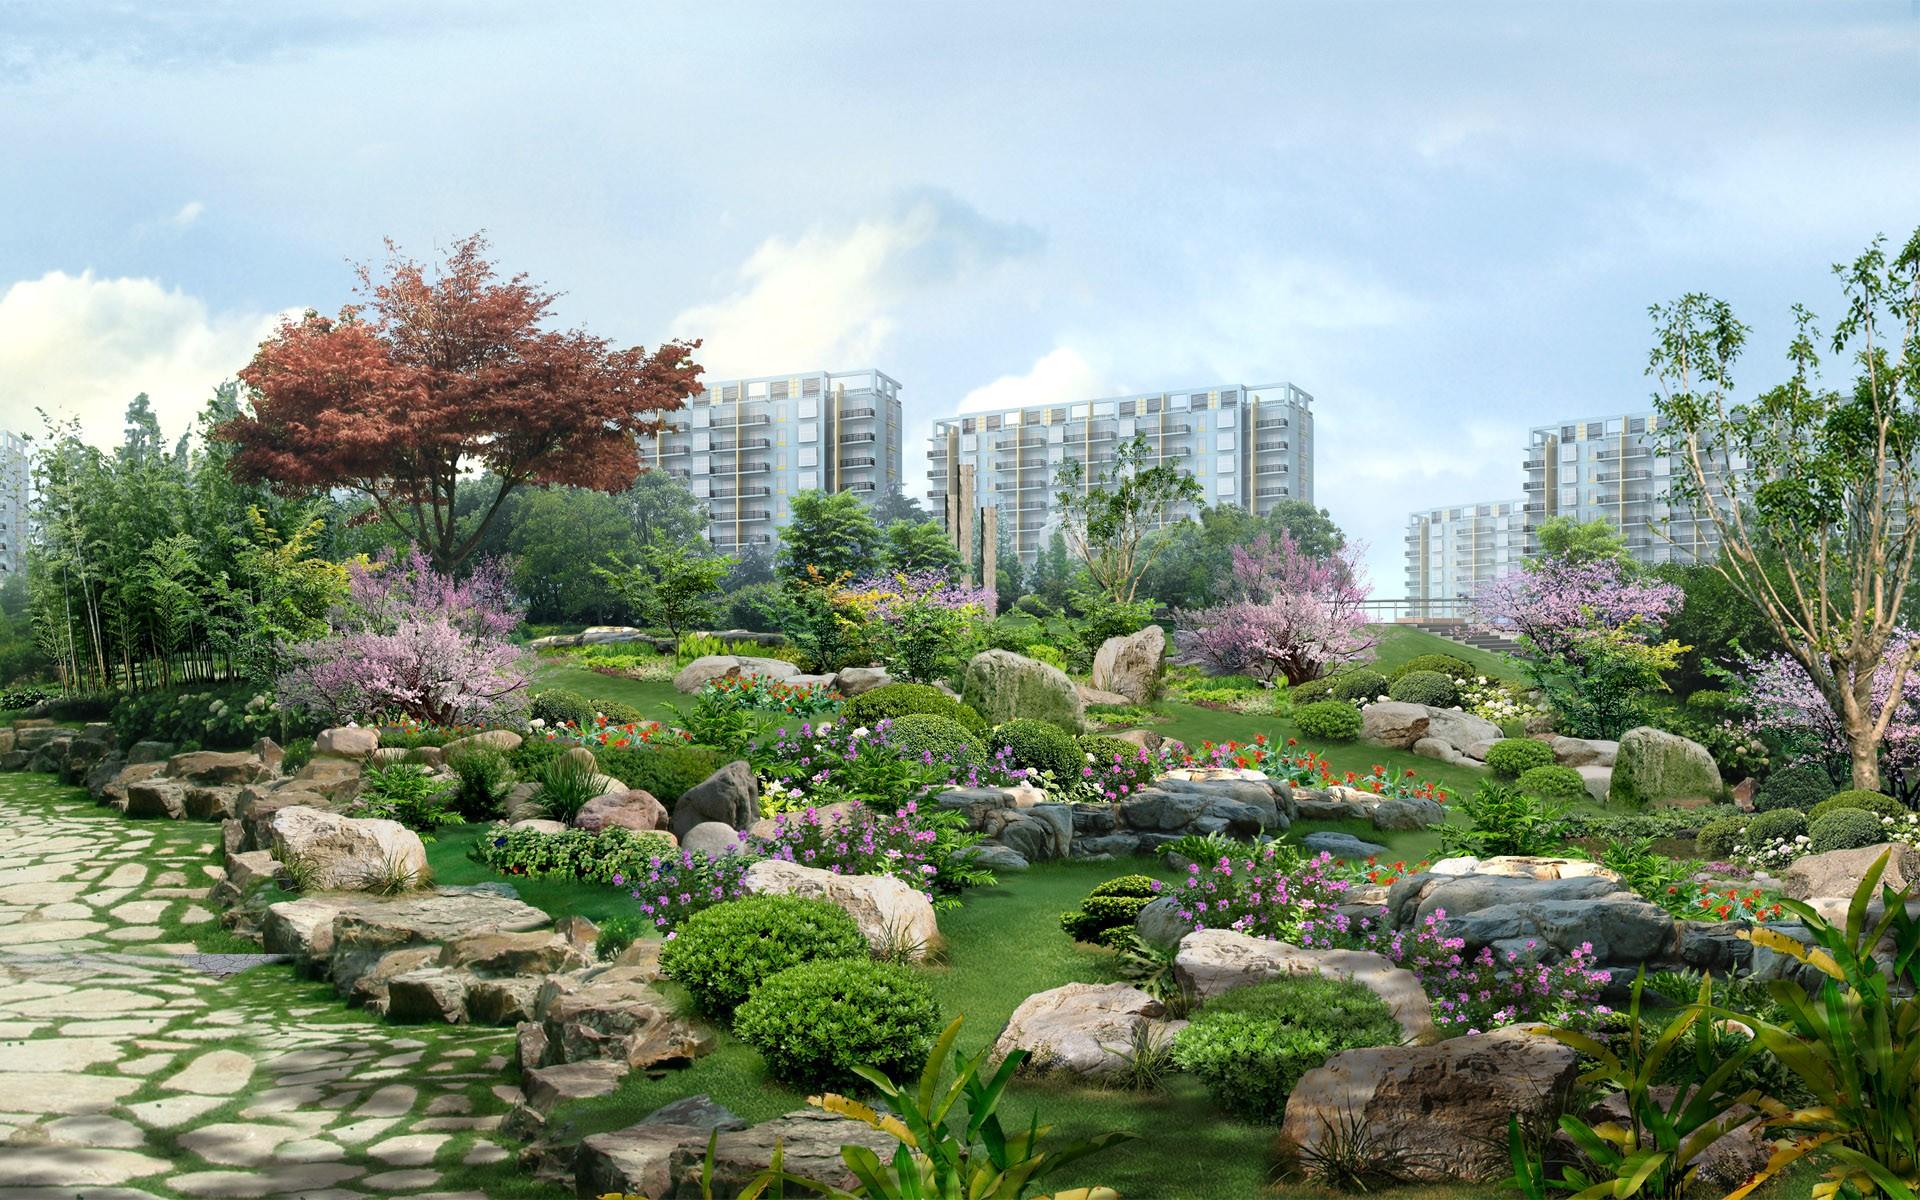 Japan Landscape City